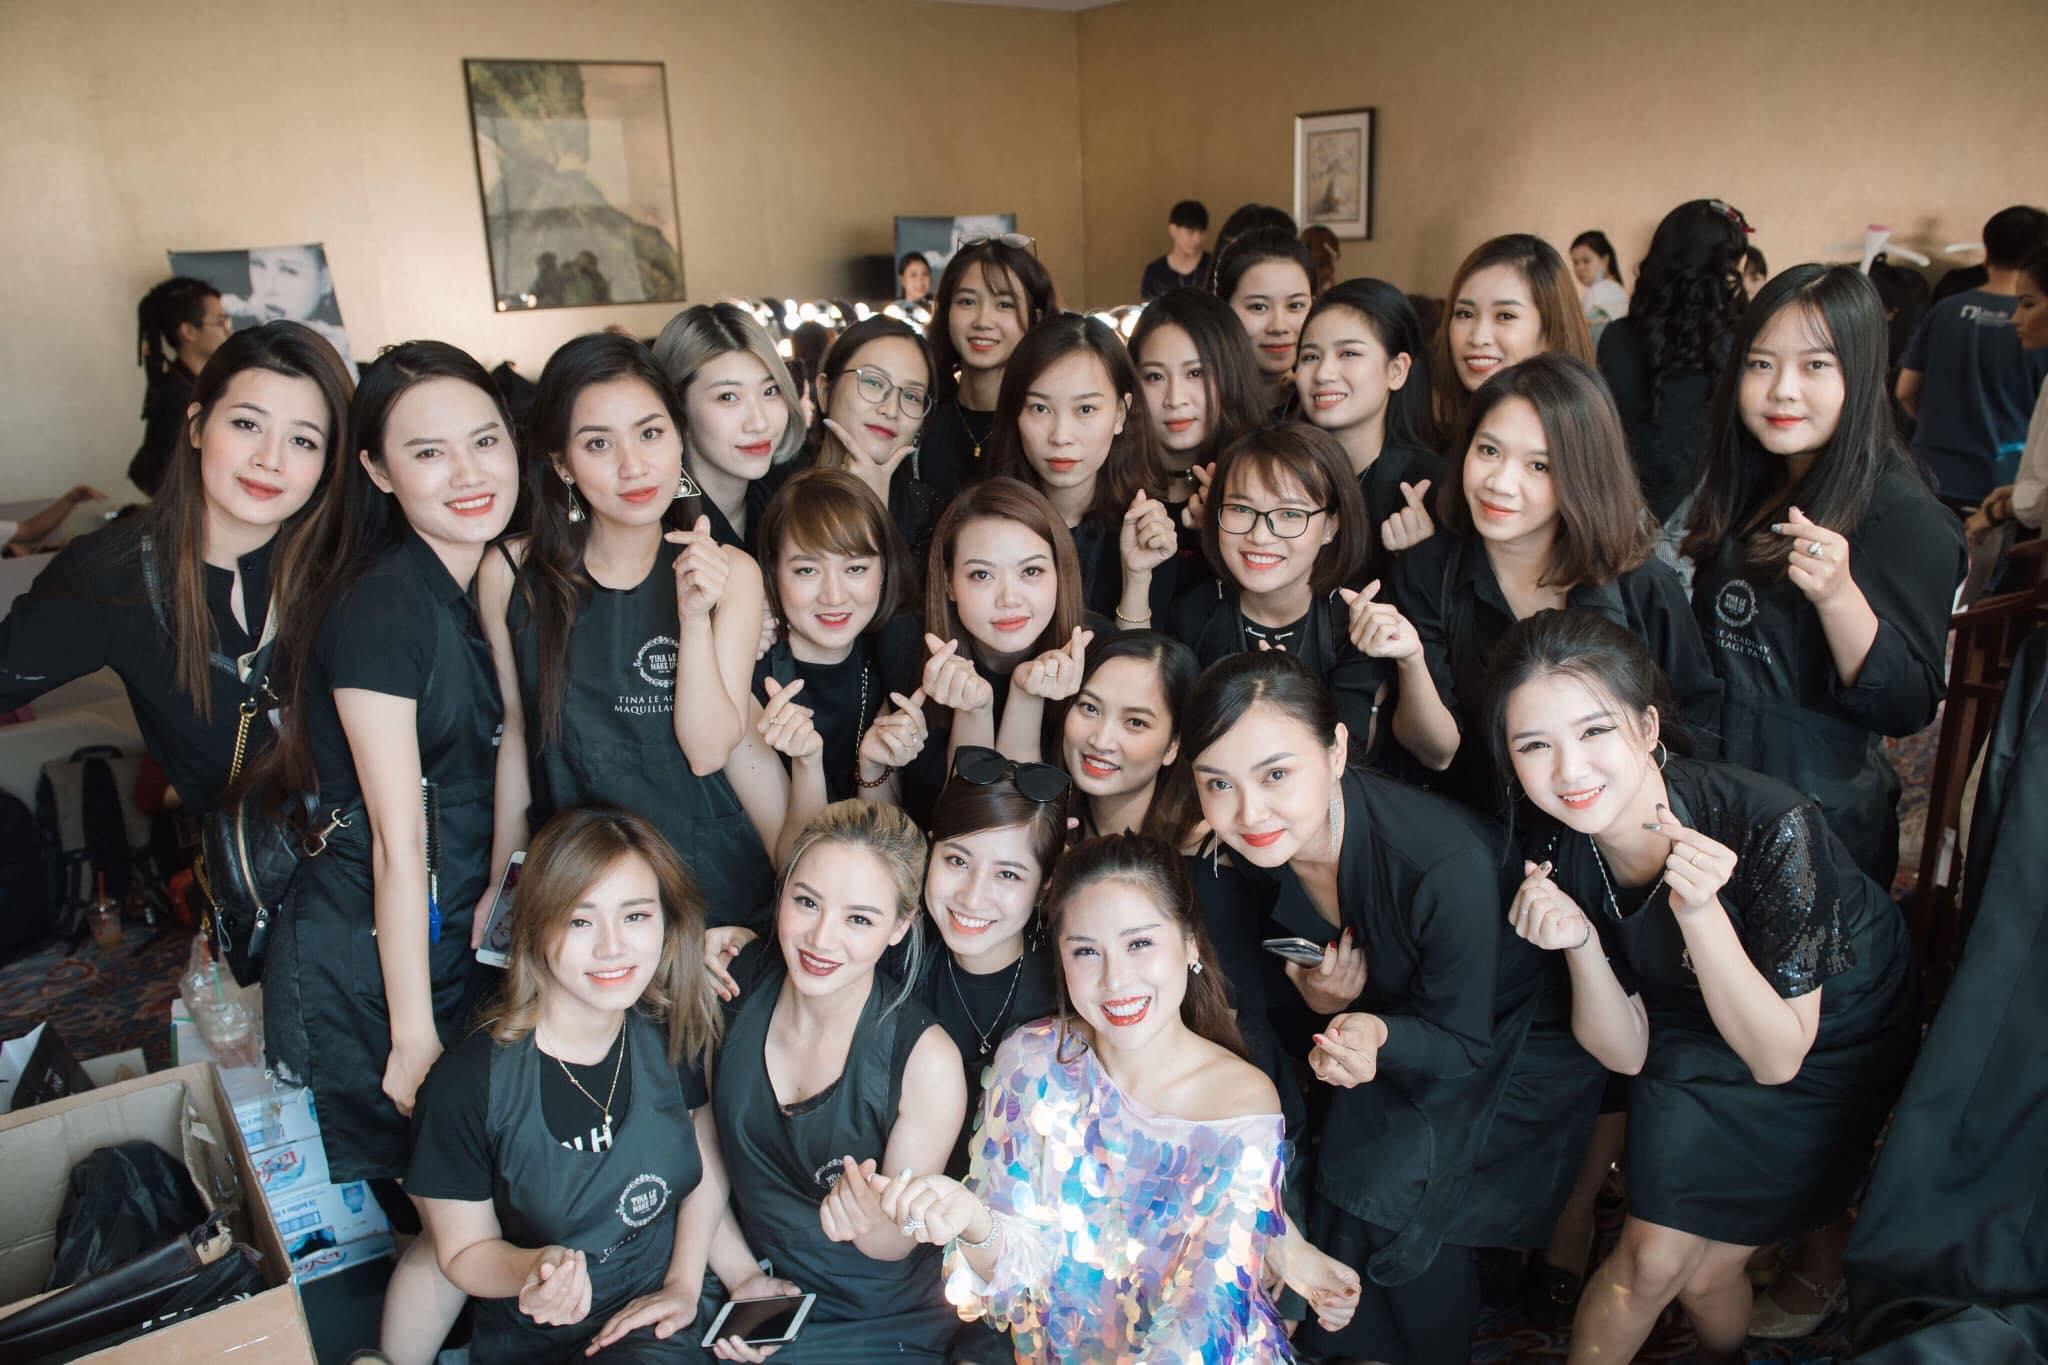 Ekip của chuyên gia trang điểm nổi tiếng Tina Lê tiếp tục đồng hành cùng VIFW Thu – Đông 2018 - Ảnh 17.